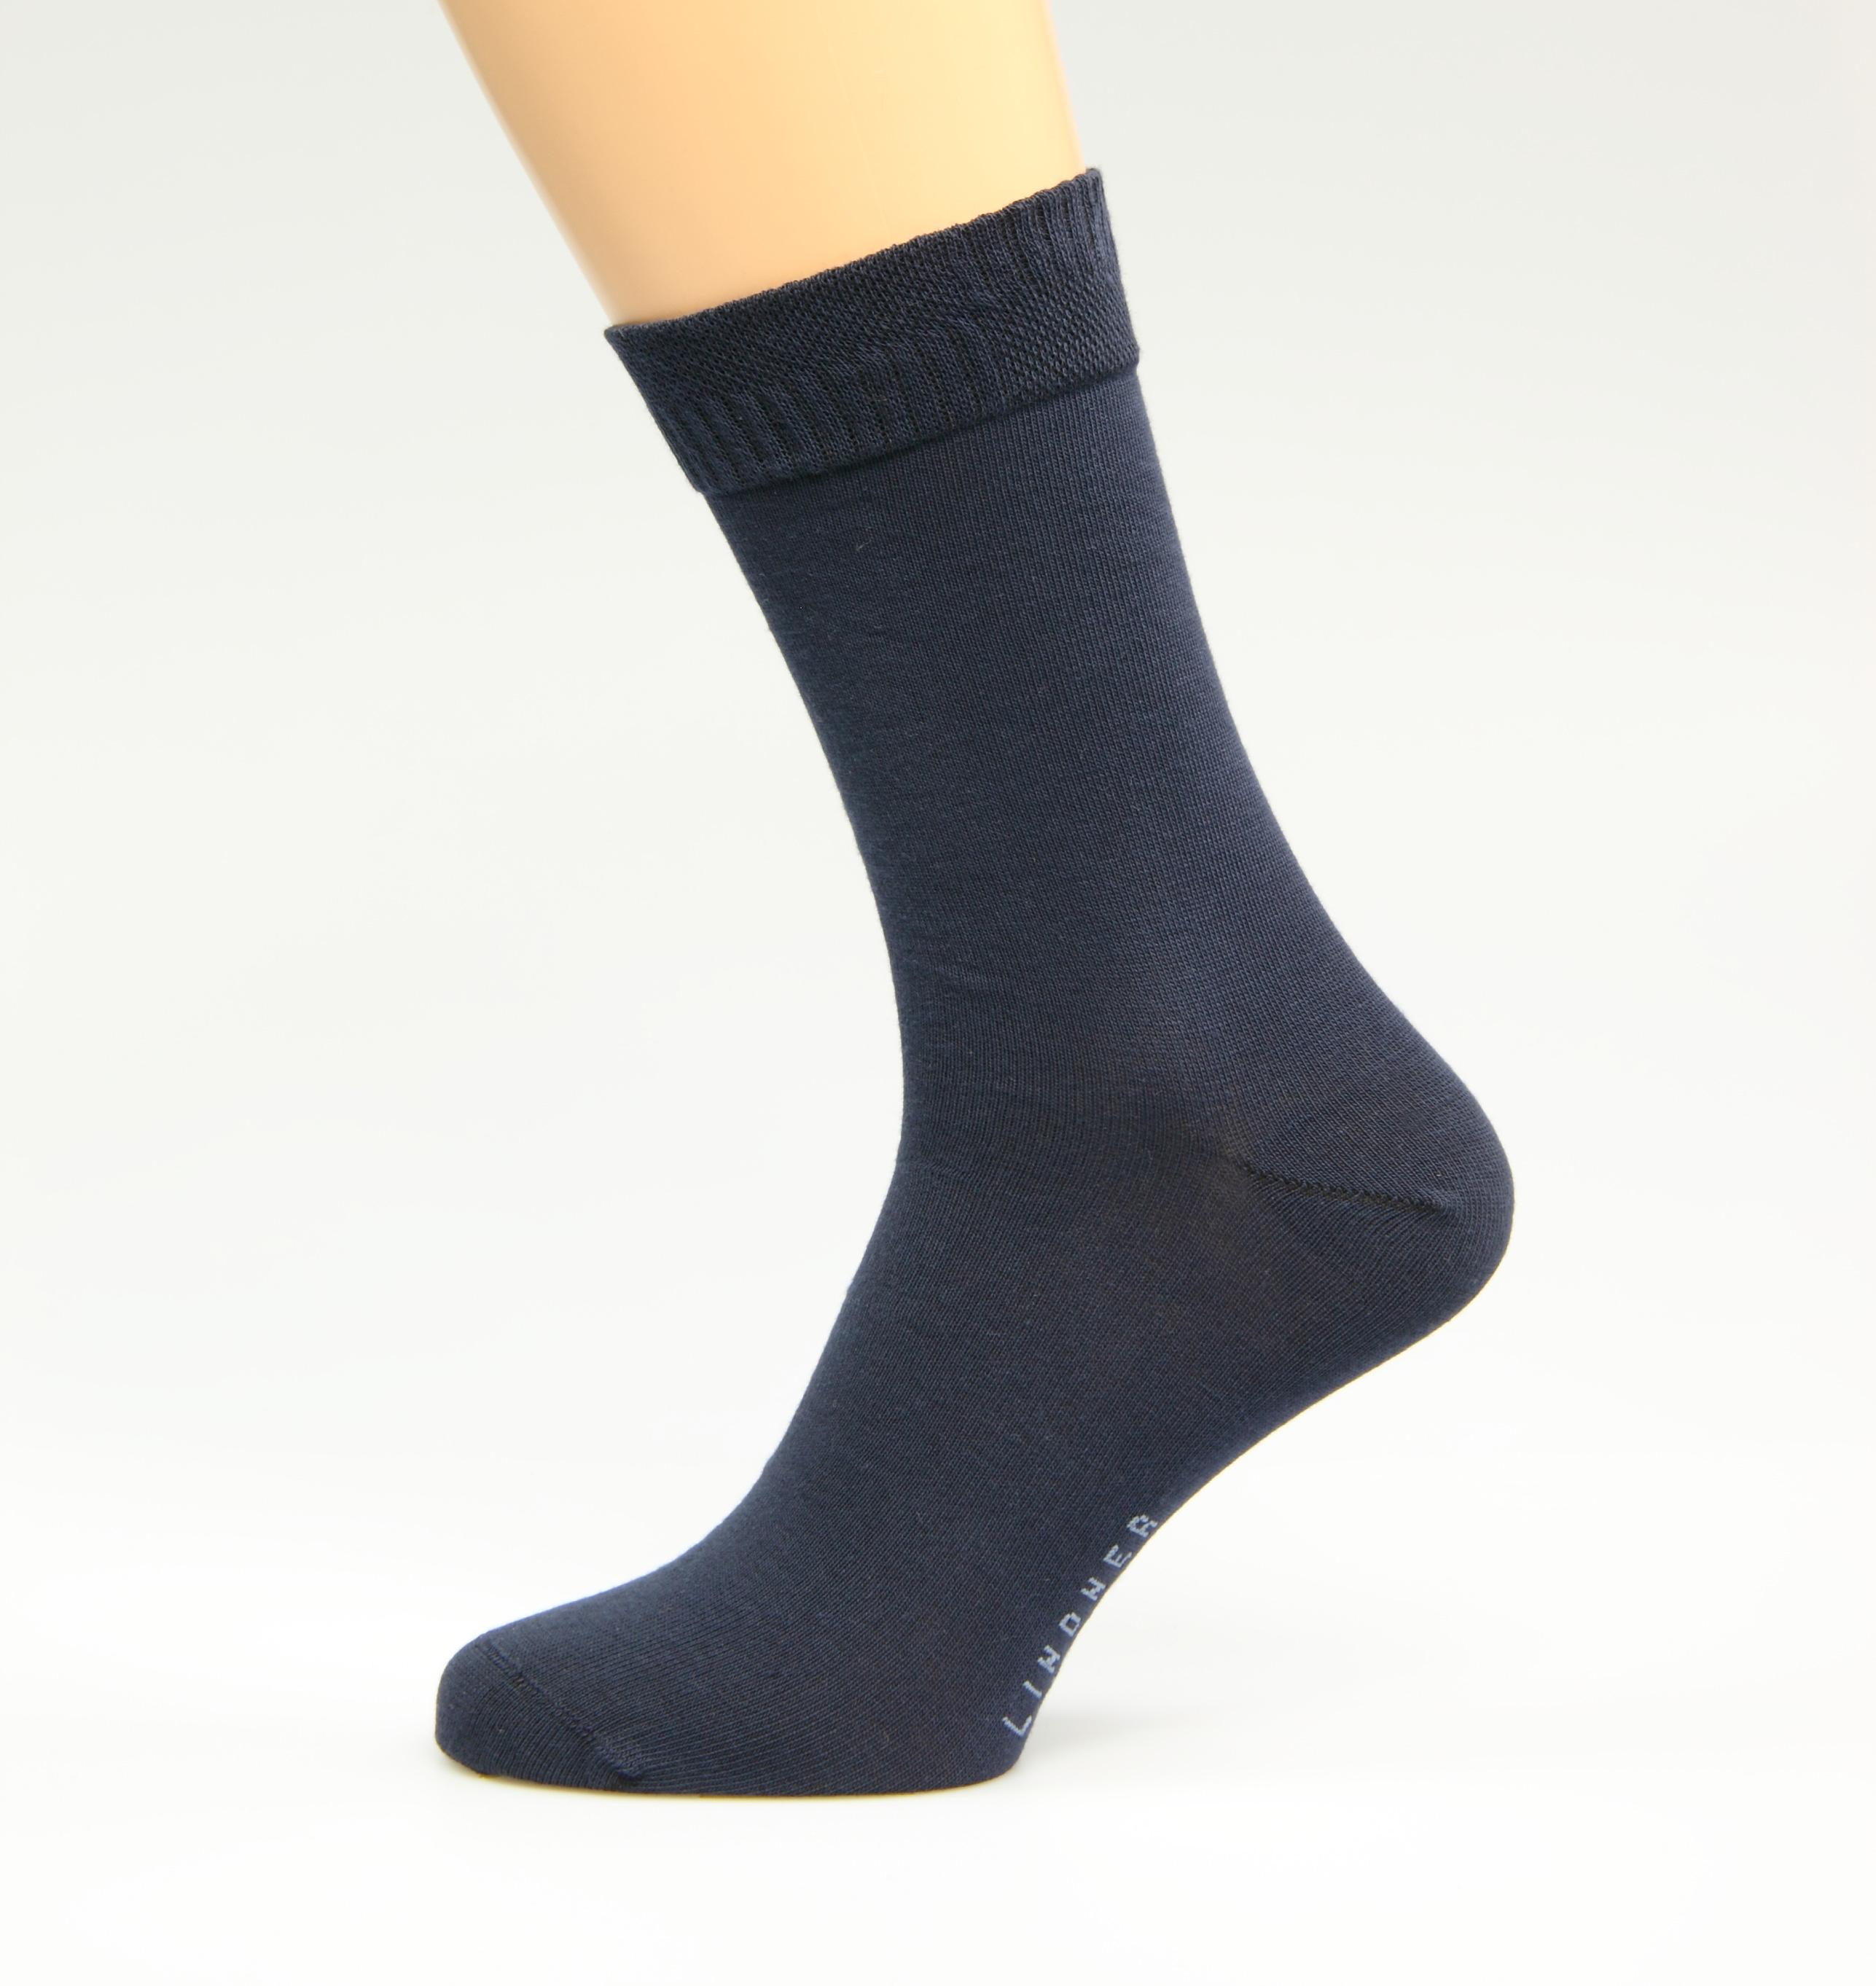 Diabetiker-Socken-blau-Gr-sse-48-50